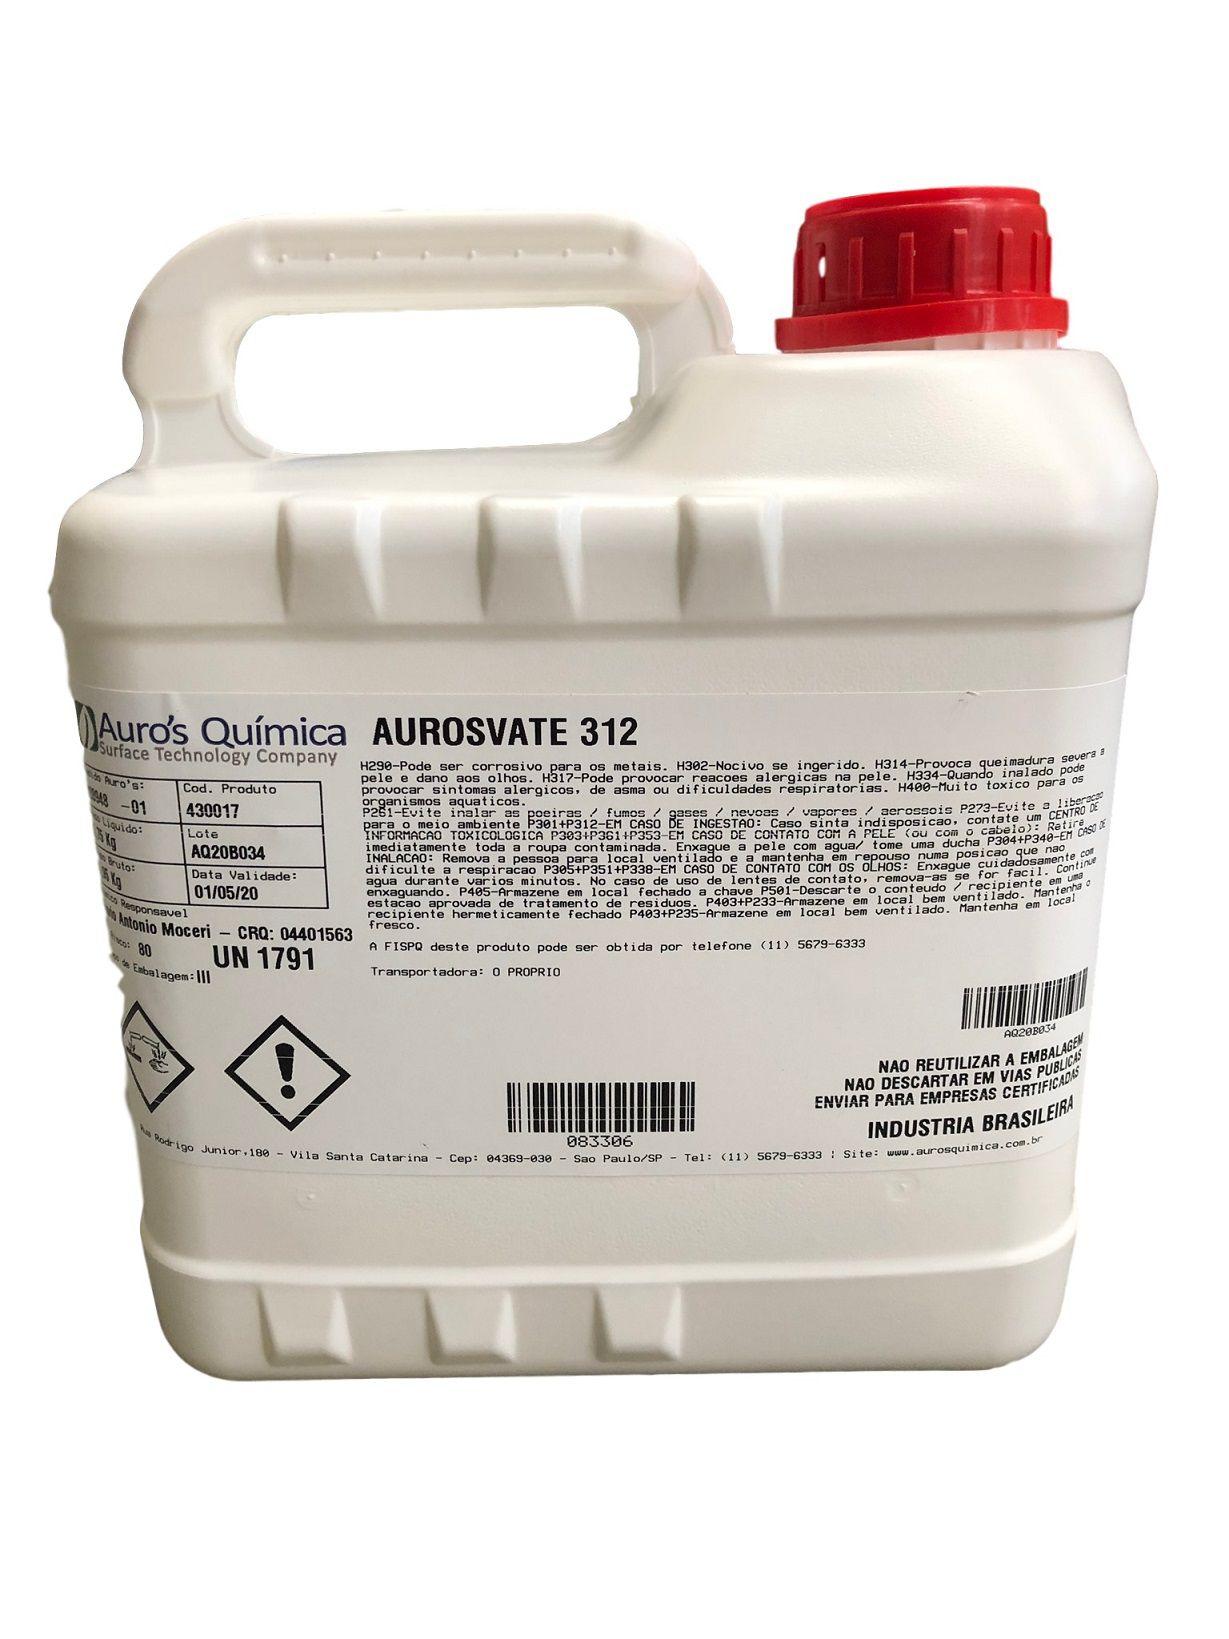 Hipoclorito de Sódio 12% - 5 Litros